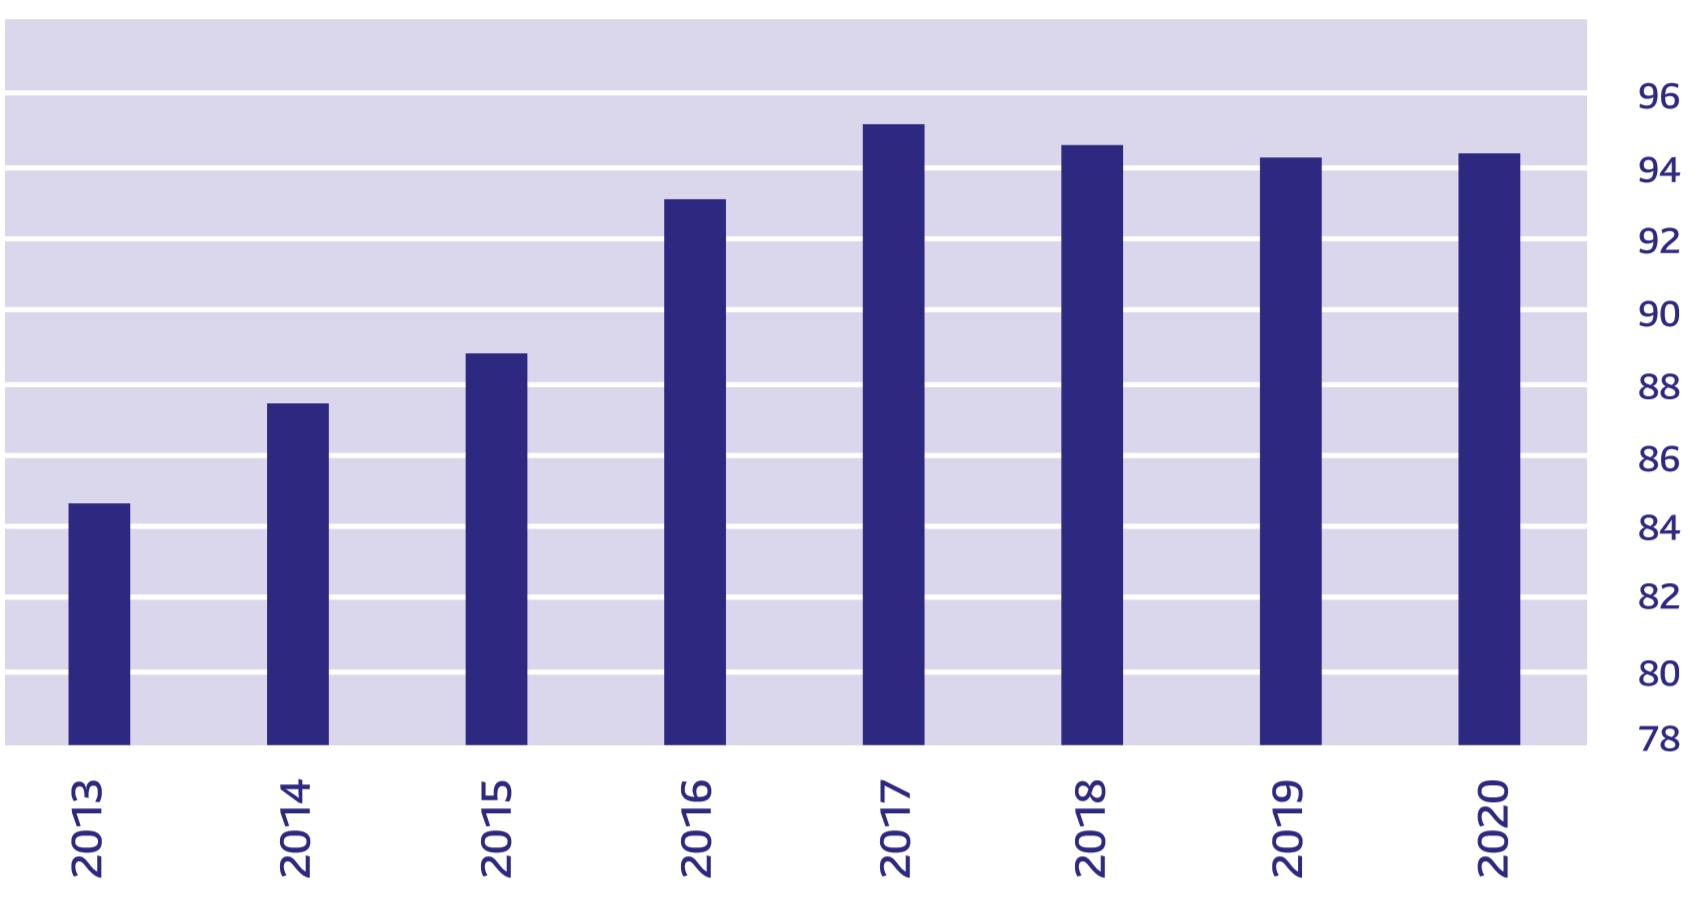 GLOBÁLNA VÝROBA ÁUT (osobné a ľahké úžitkové vozidlá, mil. kusov)  ročná produkcia  Poznámka: pre roky 2019 a 2020 ide o odhad Prameň: RBC Capital Markets